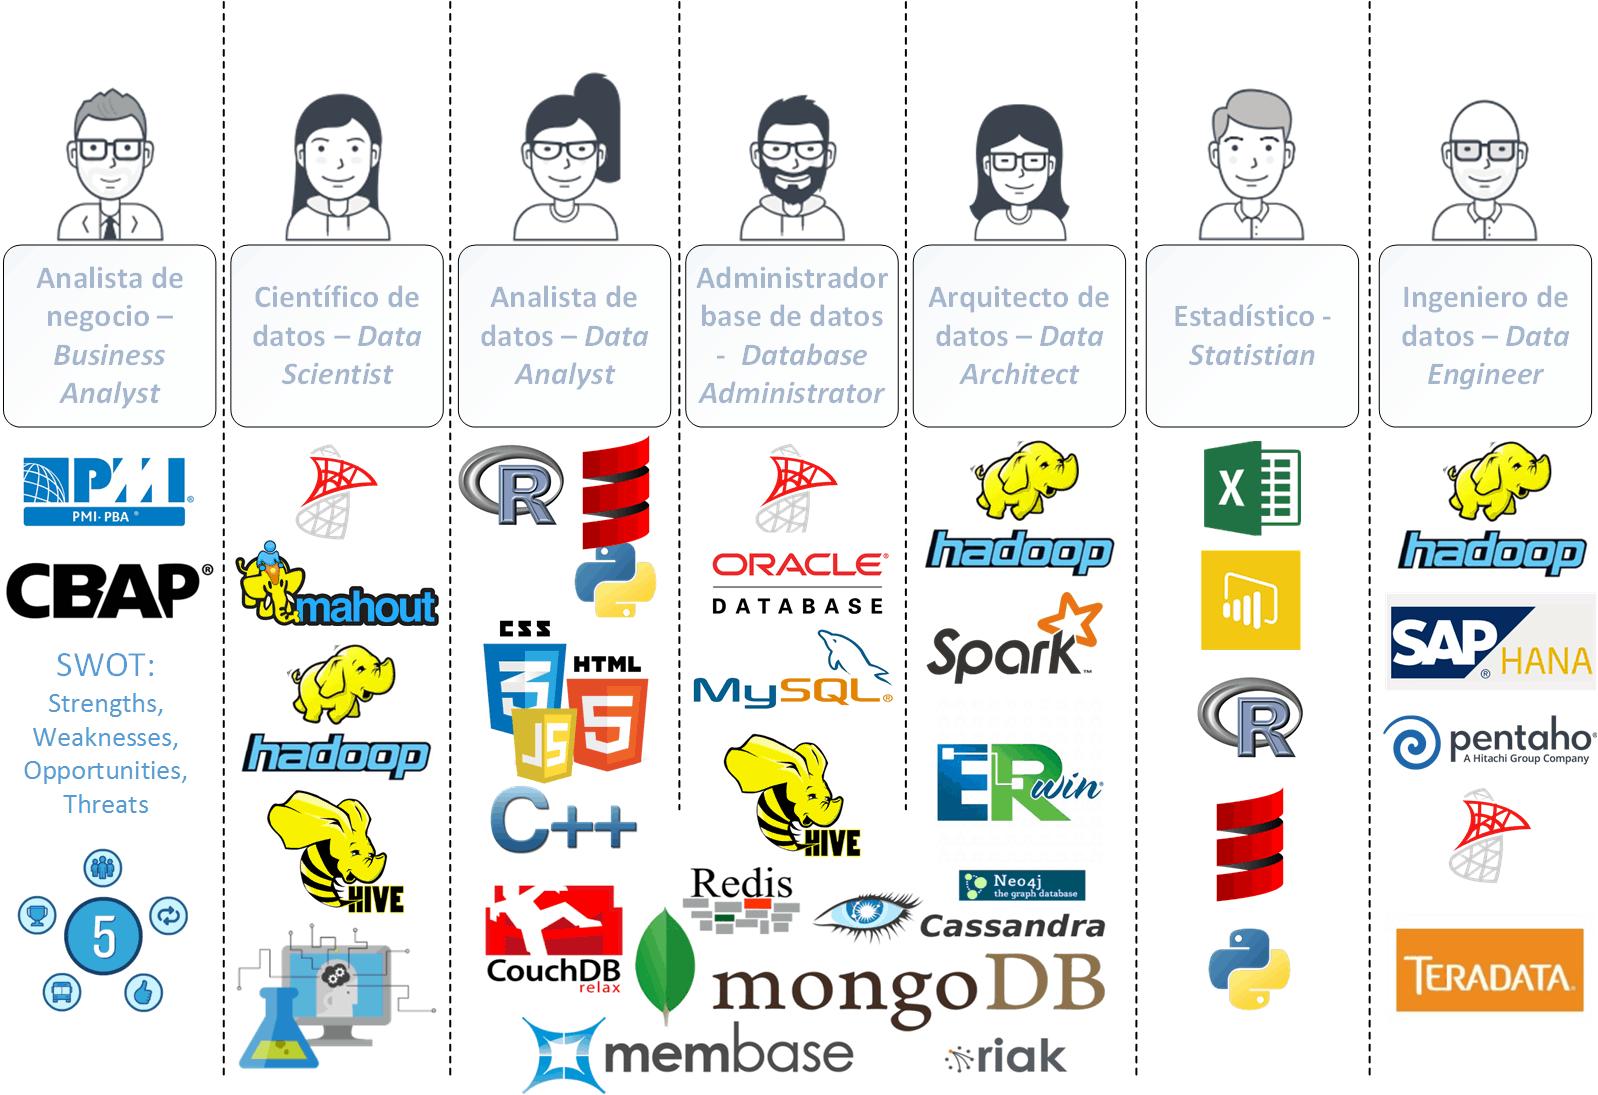 Ilustración de los roles del big data